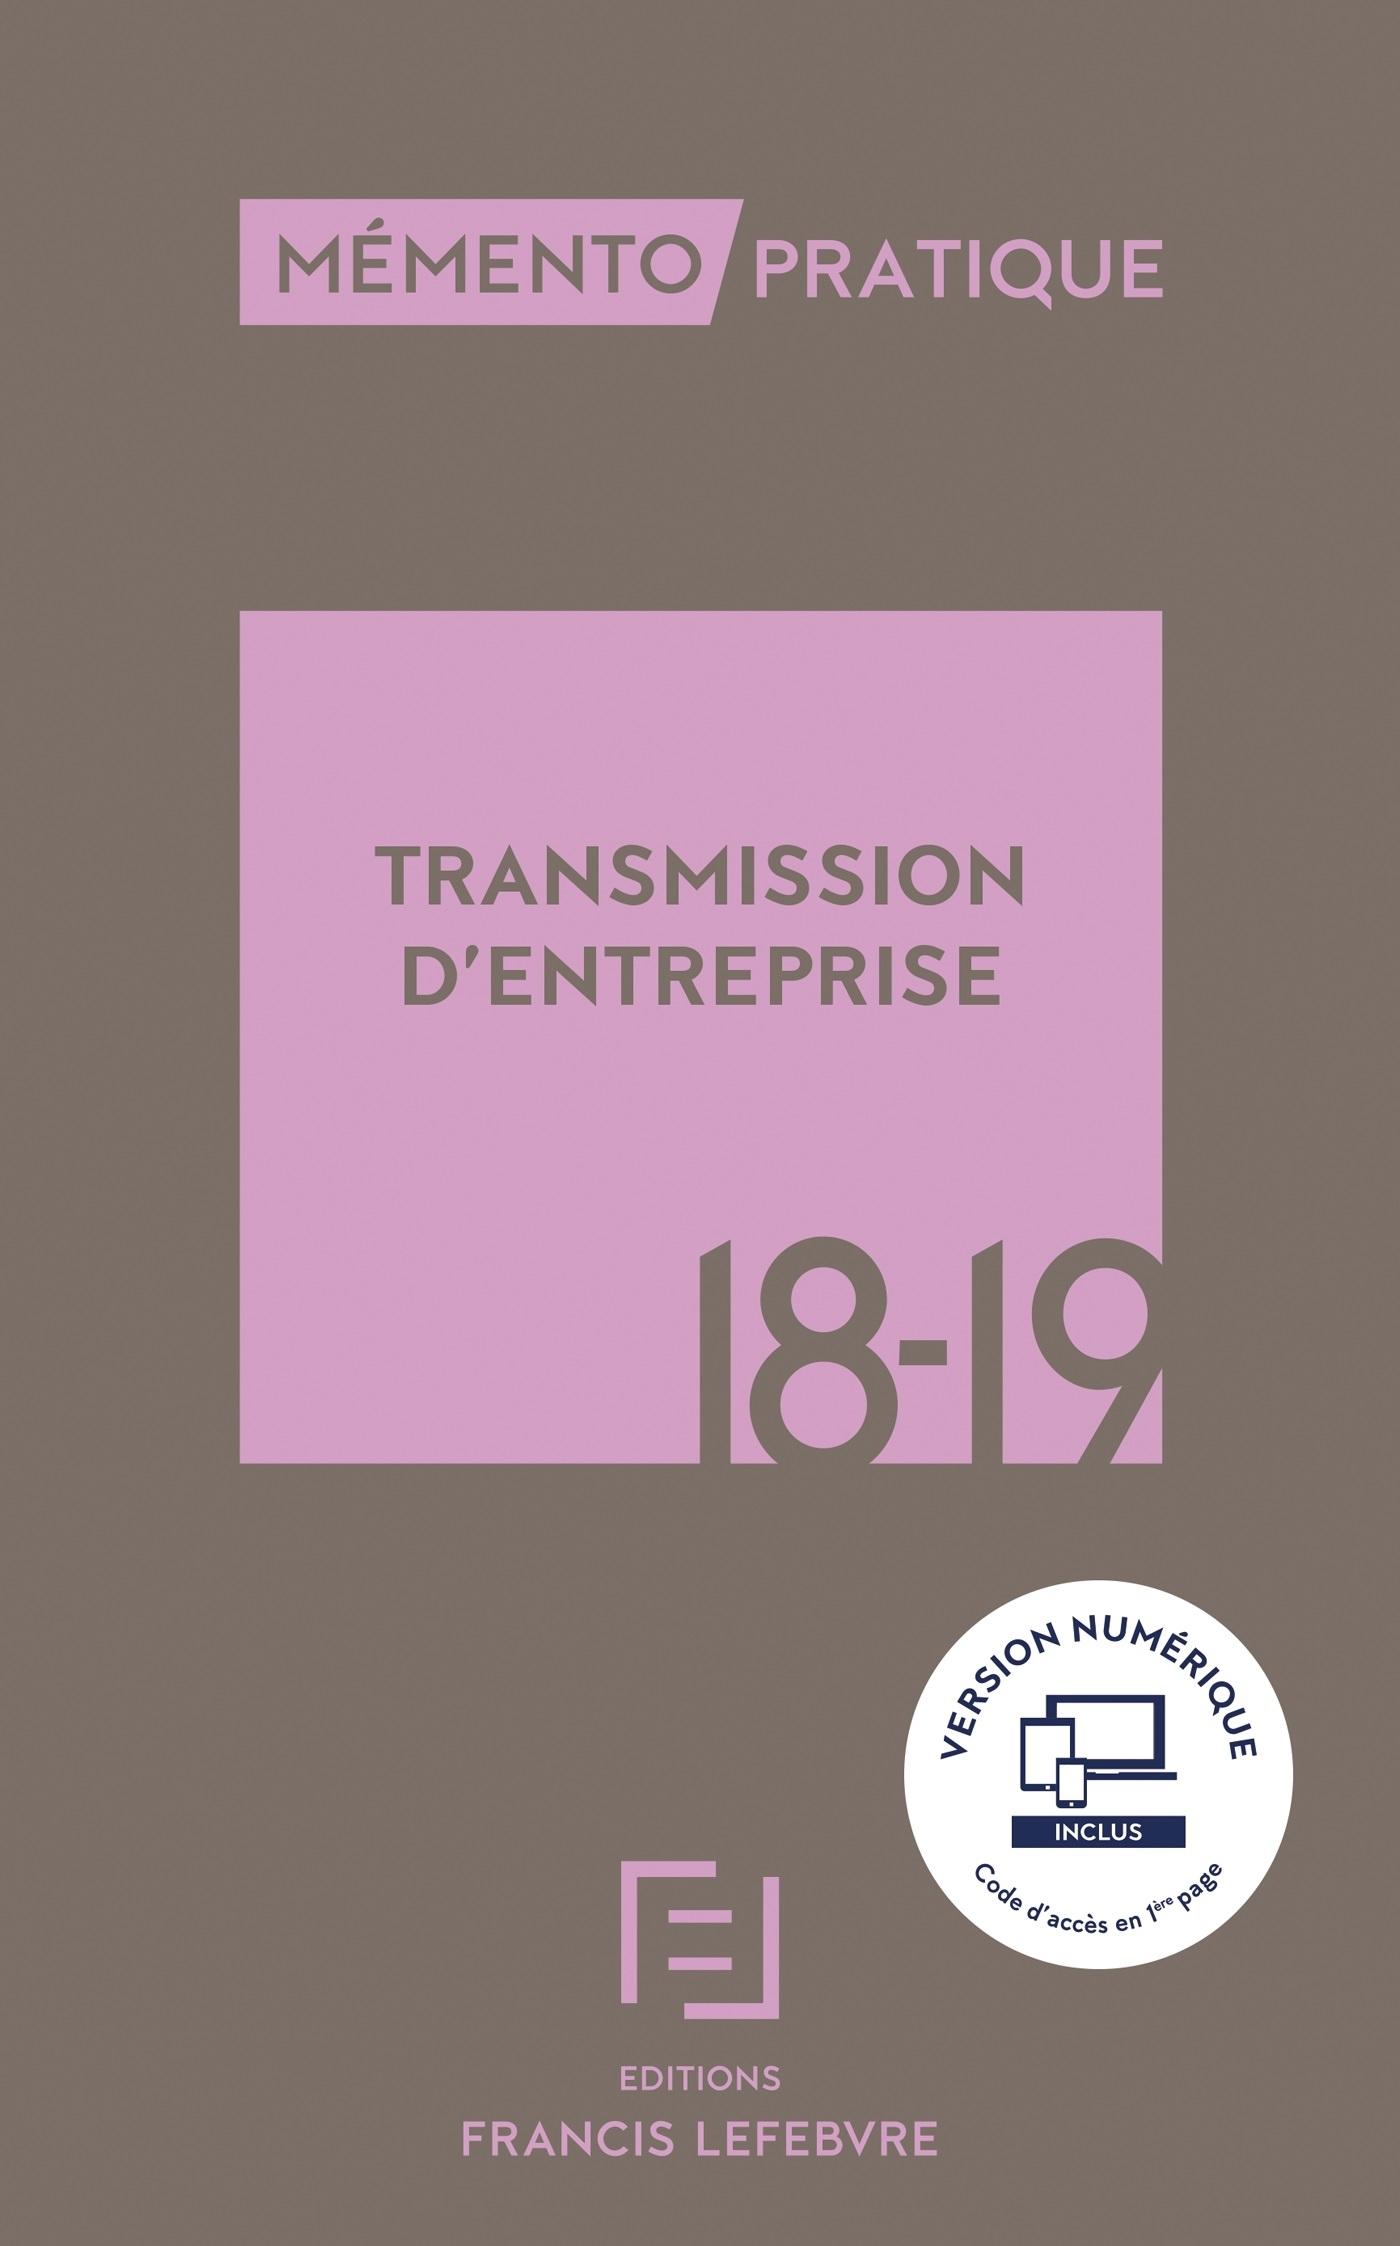 MEMENTO TRANSMISSION D'ENTREPRISE 2018